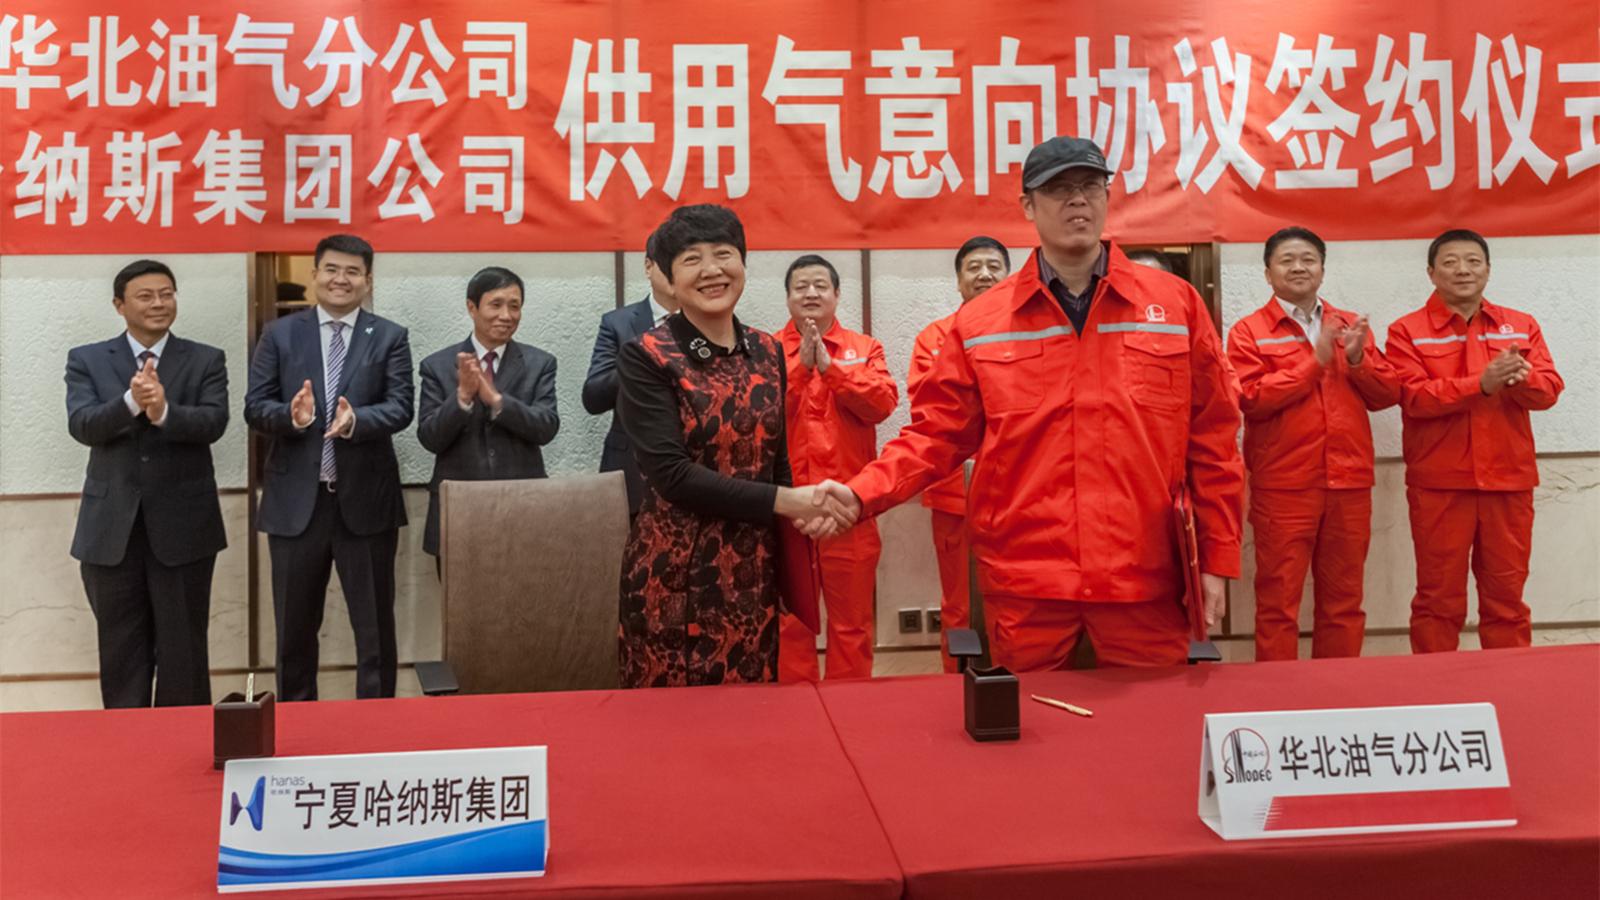 中石化华北局与亚博体育app官方下载苹果版集团供用气意向协议签约仪式圆满落幕